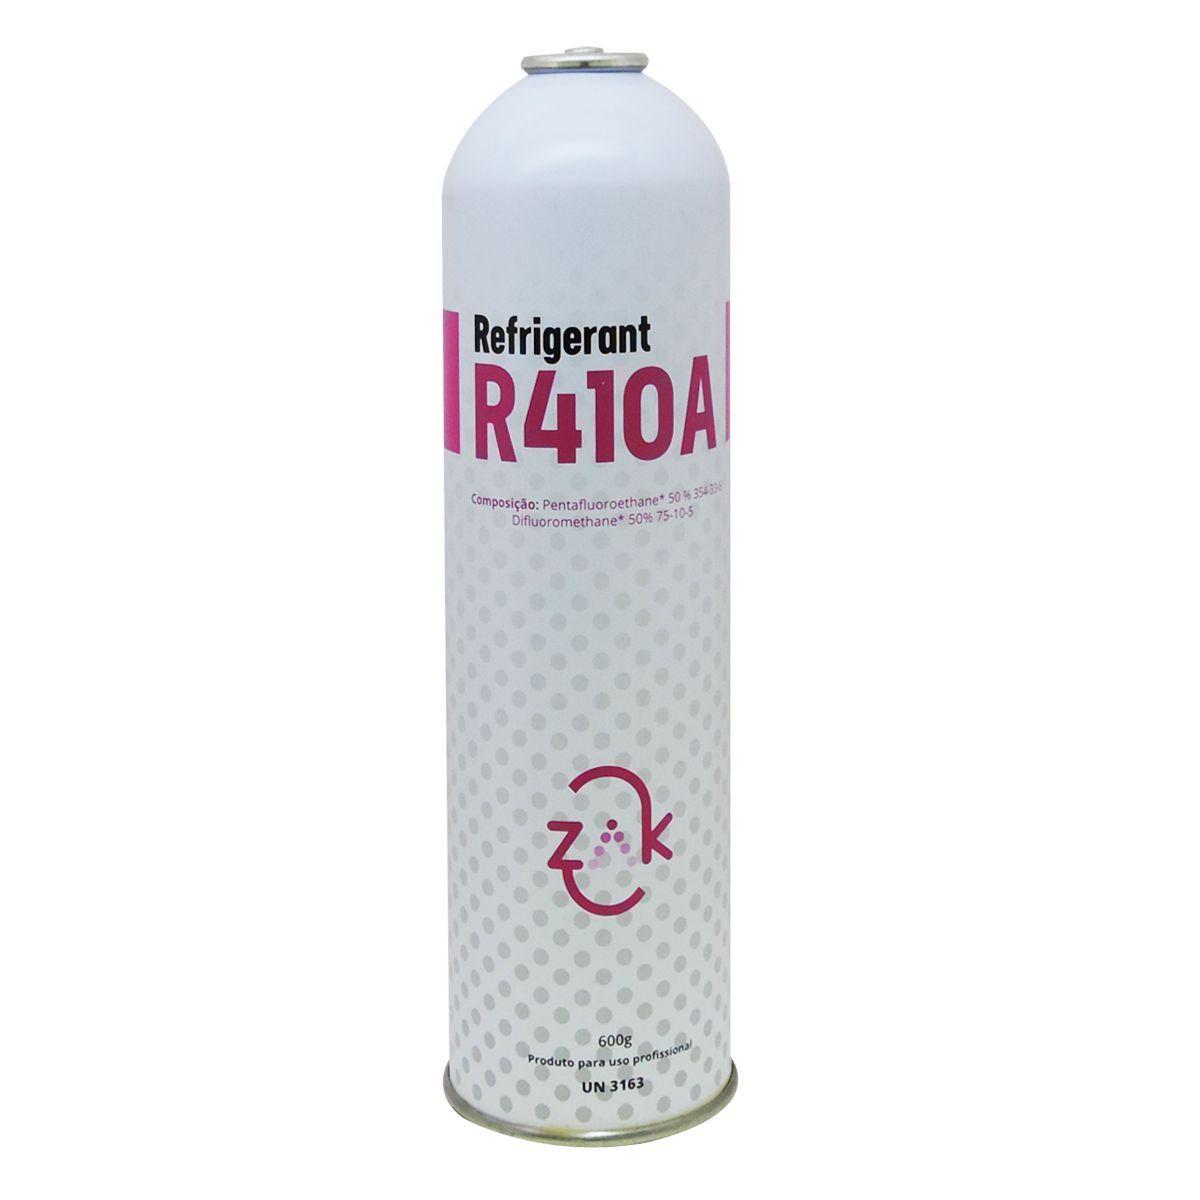 Gás Refrigerante R-410a Ar Condicionado 600g